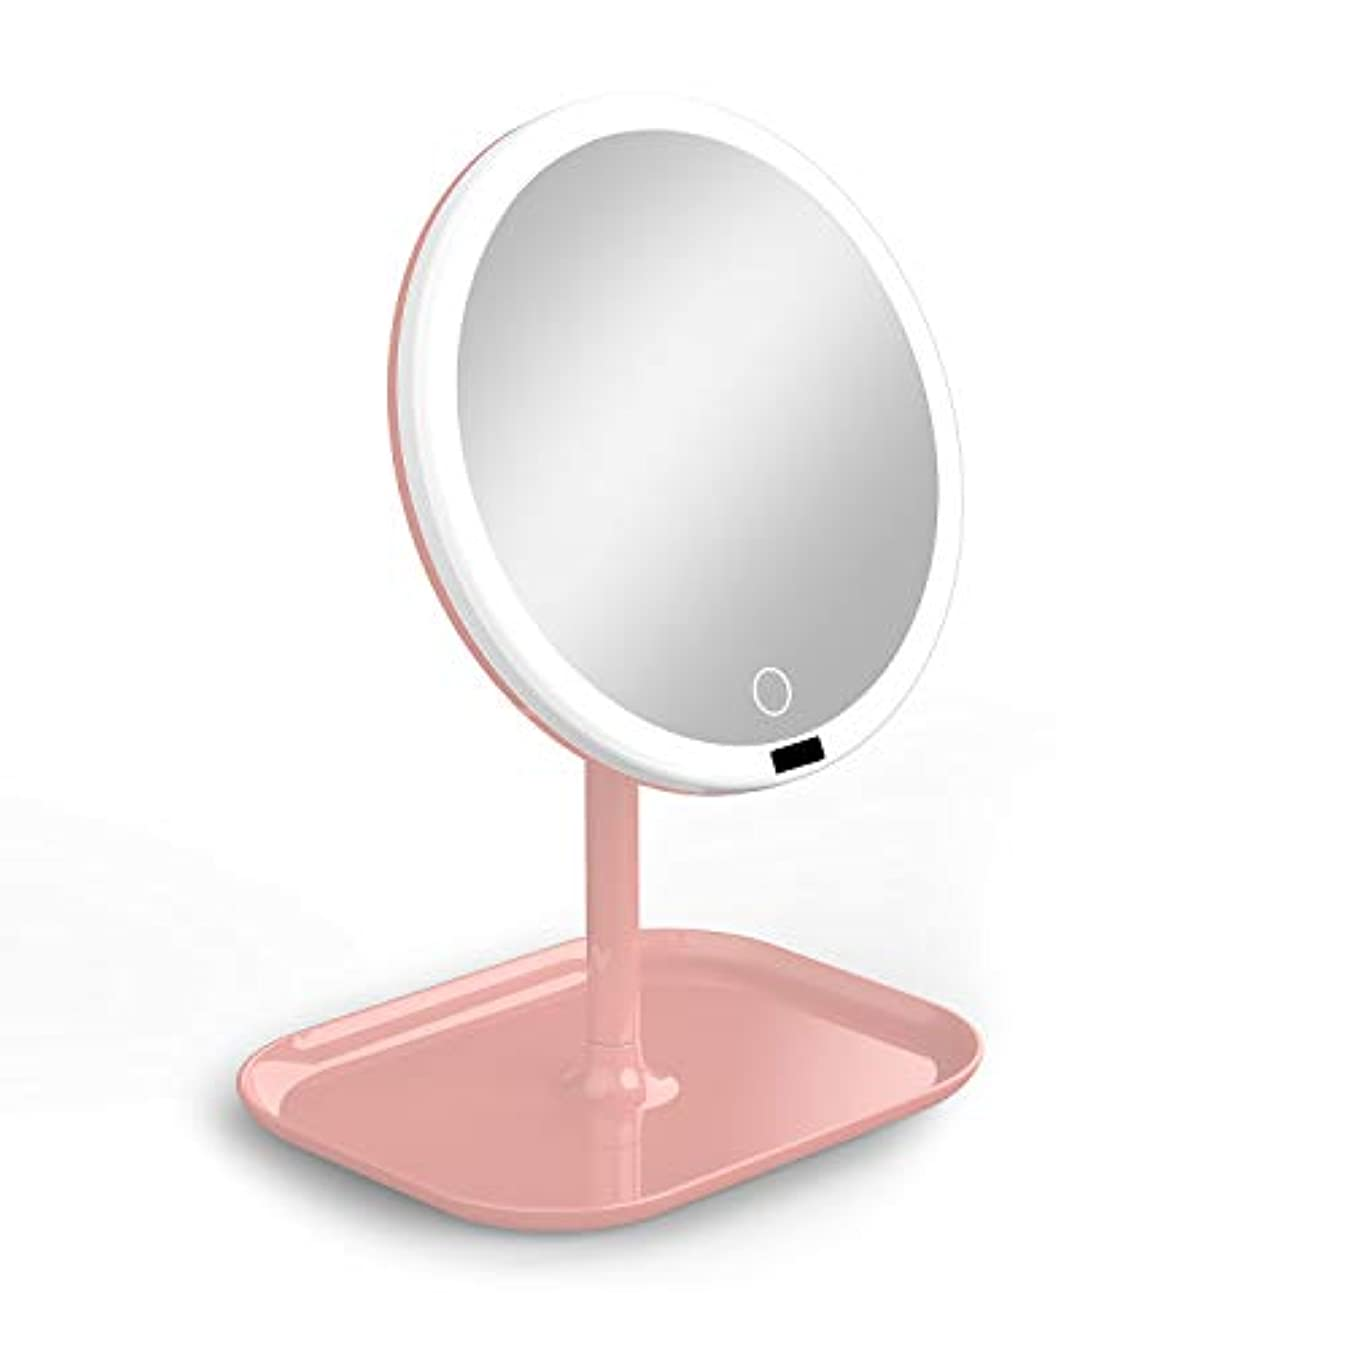 中傷投獄ラッドヤードキップリングLa Farah 化粧鏡 化粧ミラー LEDライト付き 卓上鏡 女優ミラー 3段階明るさ調節可能 180度回転 コードレス 充電式 円型